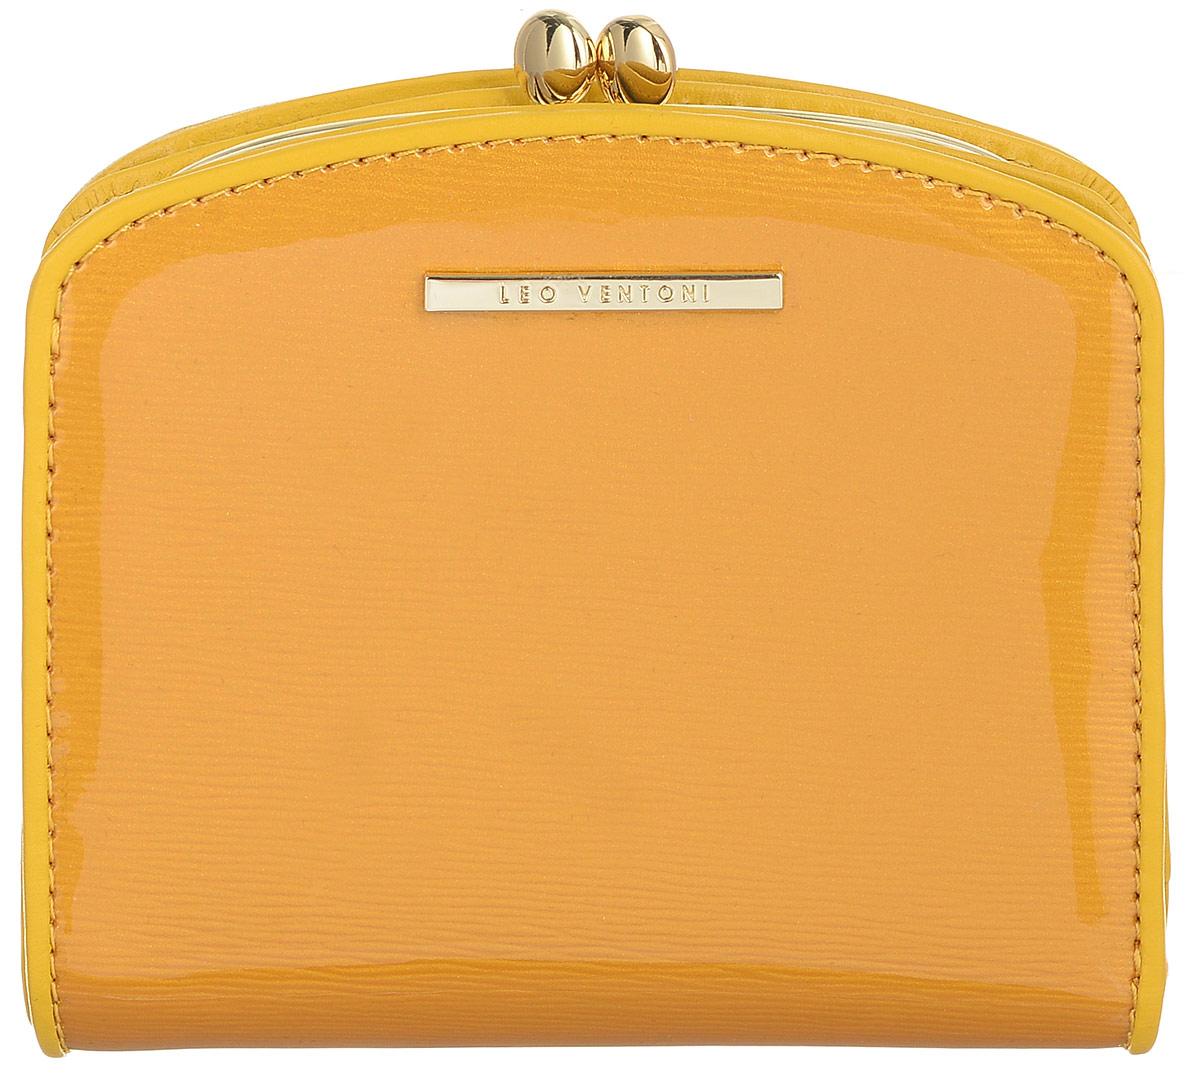 Кошелек женский Leo Ventoni, цвет: желтый. L330837BM8434-58AEЭлегантный кошелек Leo Ventoni выполнен из натуральной лакированной кожи с оригинальным тиснением и оформлен металлической фурнитурой с символикой бренда. Внутренняя часть изделия выполнена из текстиля и натуральной кожи.Изделие закрывается на кнопки. Кошелек содержит два отделения для купюр, два боковых карманов, один вертикальный кармашек, восемь карманов для визиток или пластиковых карт, один кармашек для фото с прозрачным пластиковым окошком. Отделение для монет закрывается на рамочный замок и имеет два отсека. Снаружи, на тыльной стороне кошелька, расположен еще один открытый кармашек. Изделие поставляется в подарочной коробке с логотипом бренда.Стильный кошелек Leo Ventoni станет отличным подарком для человека, ценящего качественные и практичные вещи.